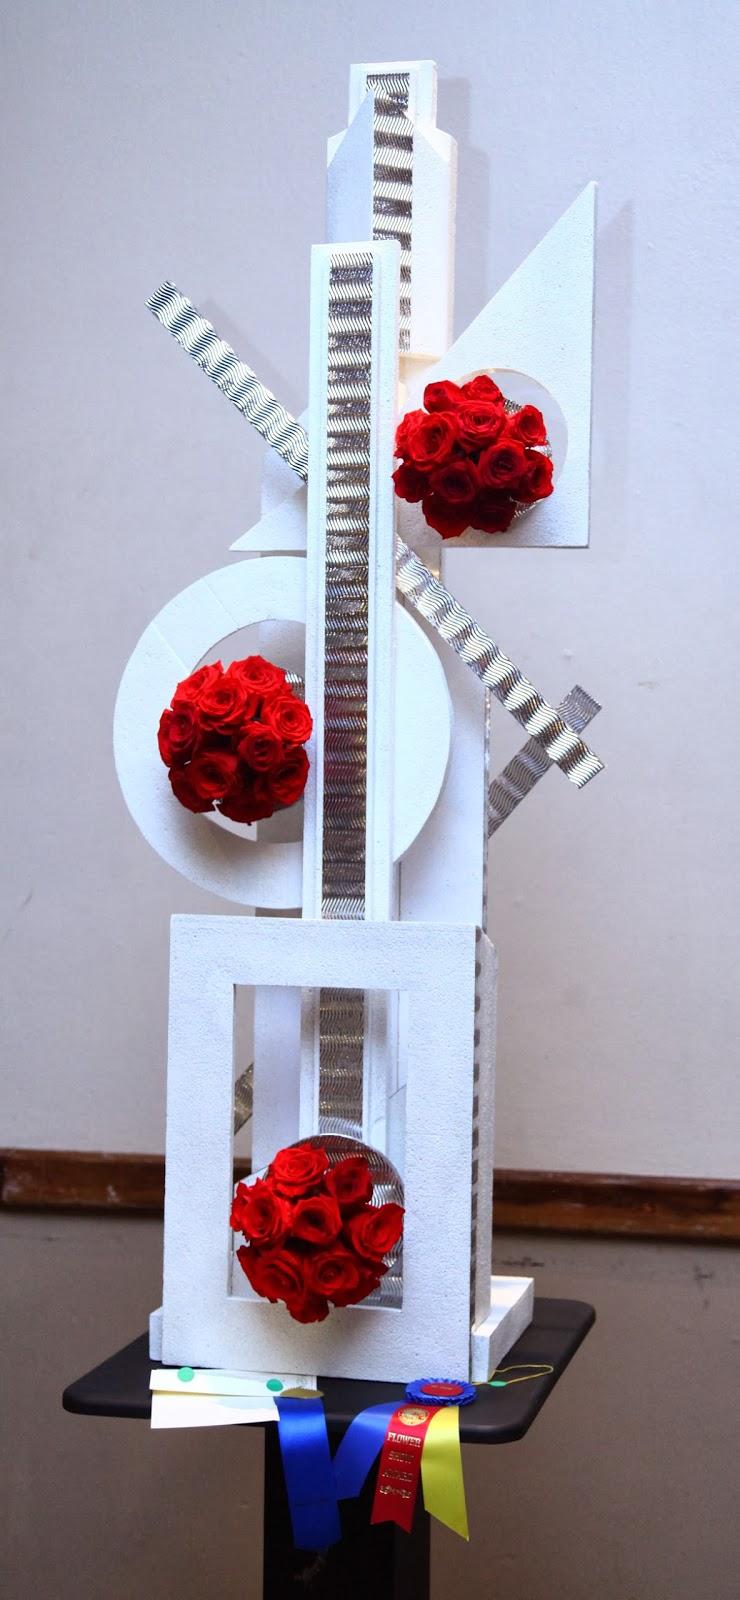 Arreglos florales creativos dise o construcci n - Arreglos florales creativos ...